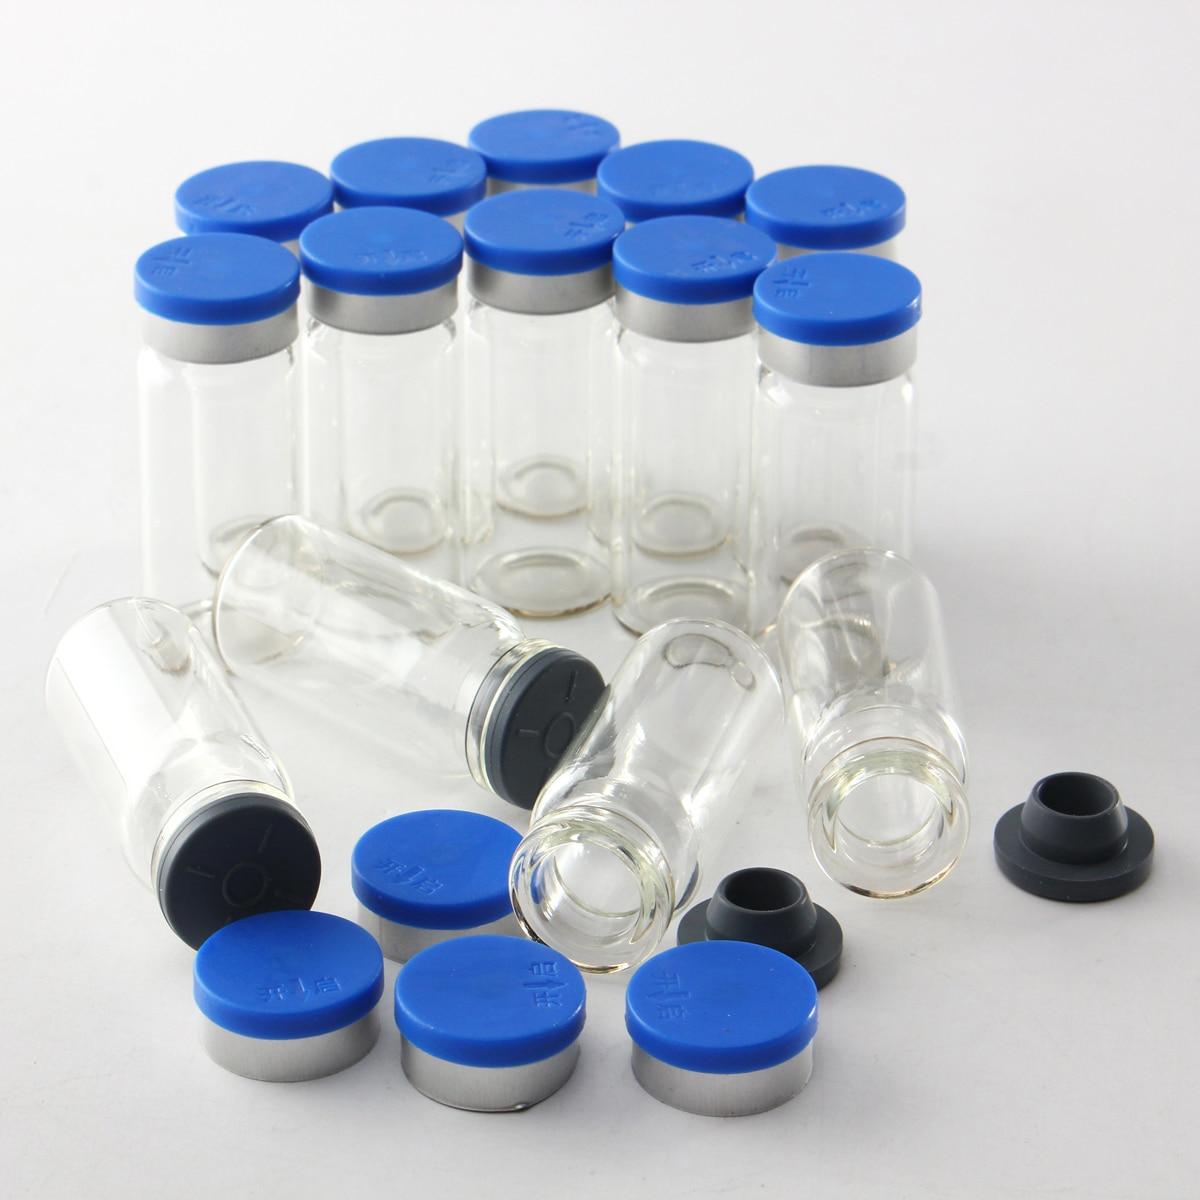 100 pcs 10 ml Claro Frasco De Vidro De Injeção Com Flip Off Caps & Rolha De Pequenos Frascos de Medicamentos Líquido de Teste Experimental recipientes